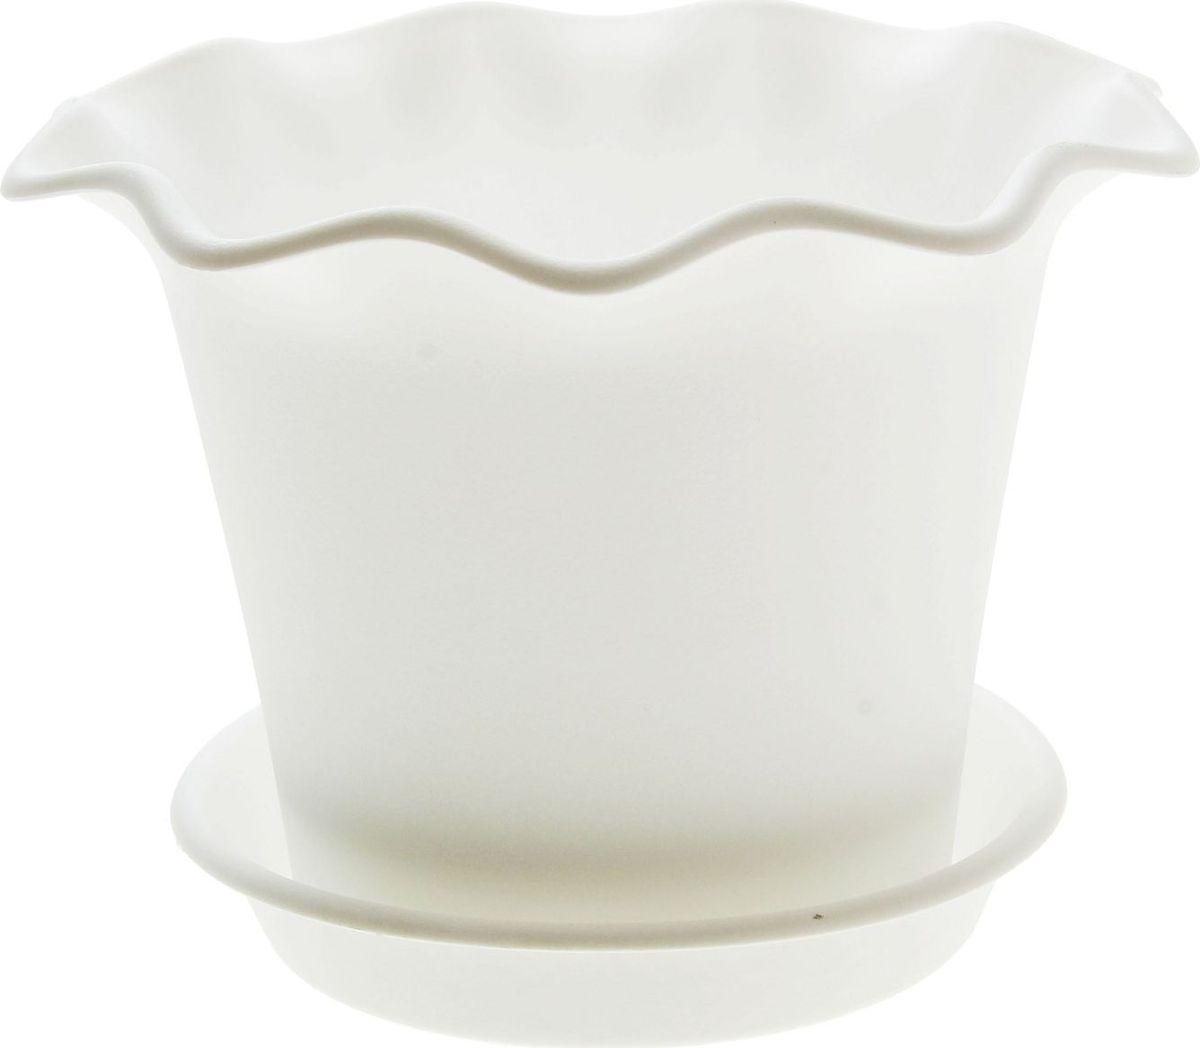 Горшок для цветов InGreen Бали, с поддоном, цвет: белый, диаметр 16 см поддон для балконного ящика ingreen цвет белый длина 60 см